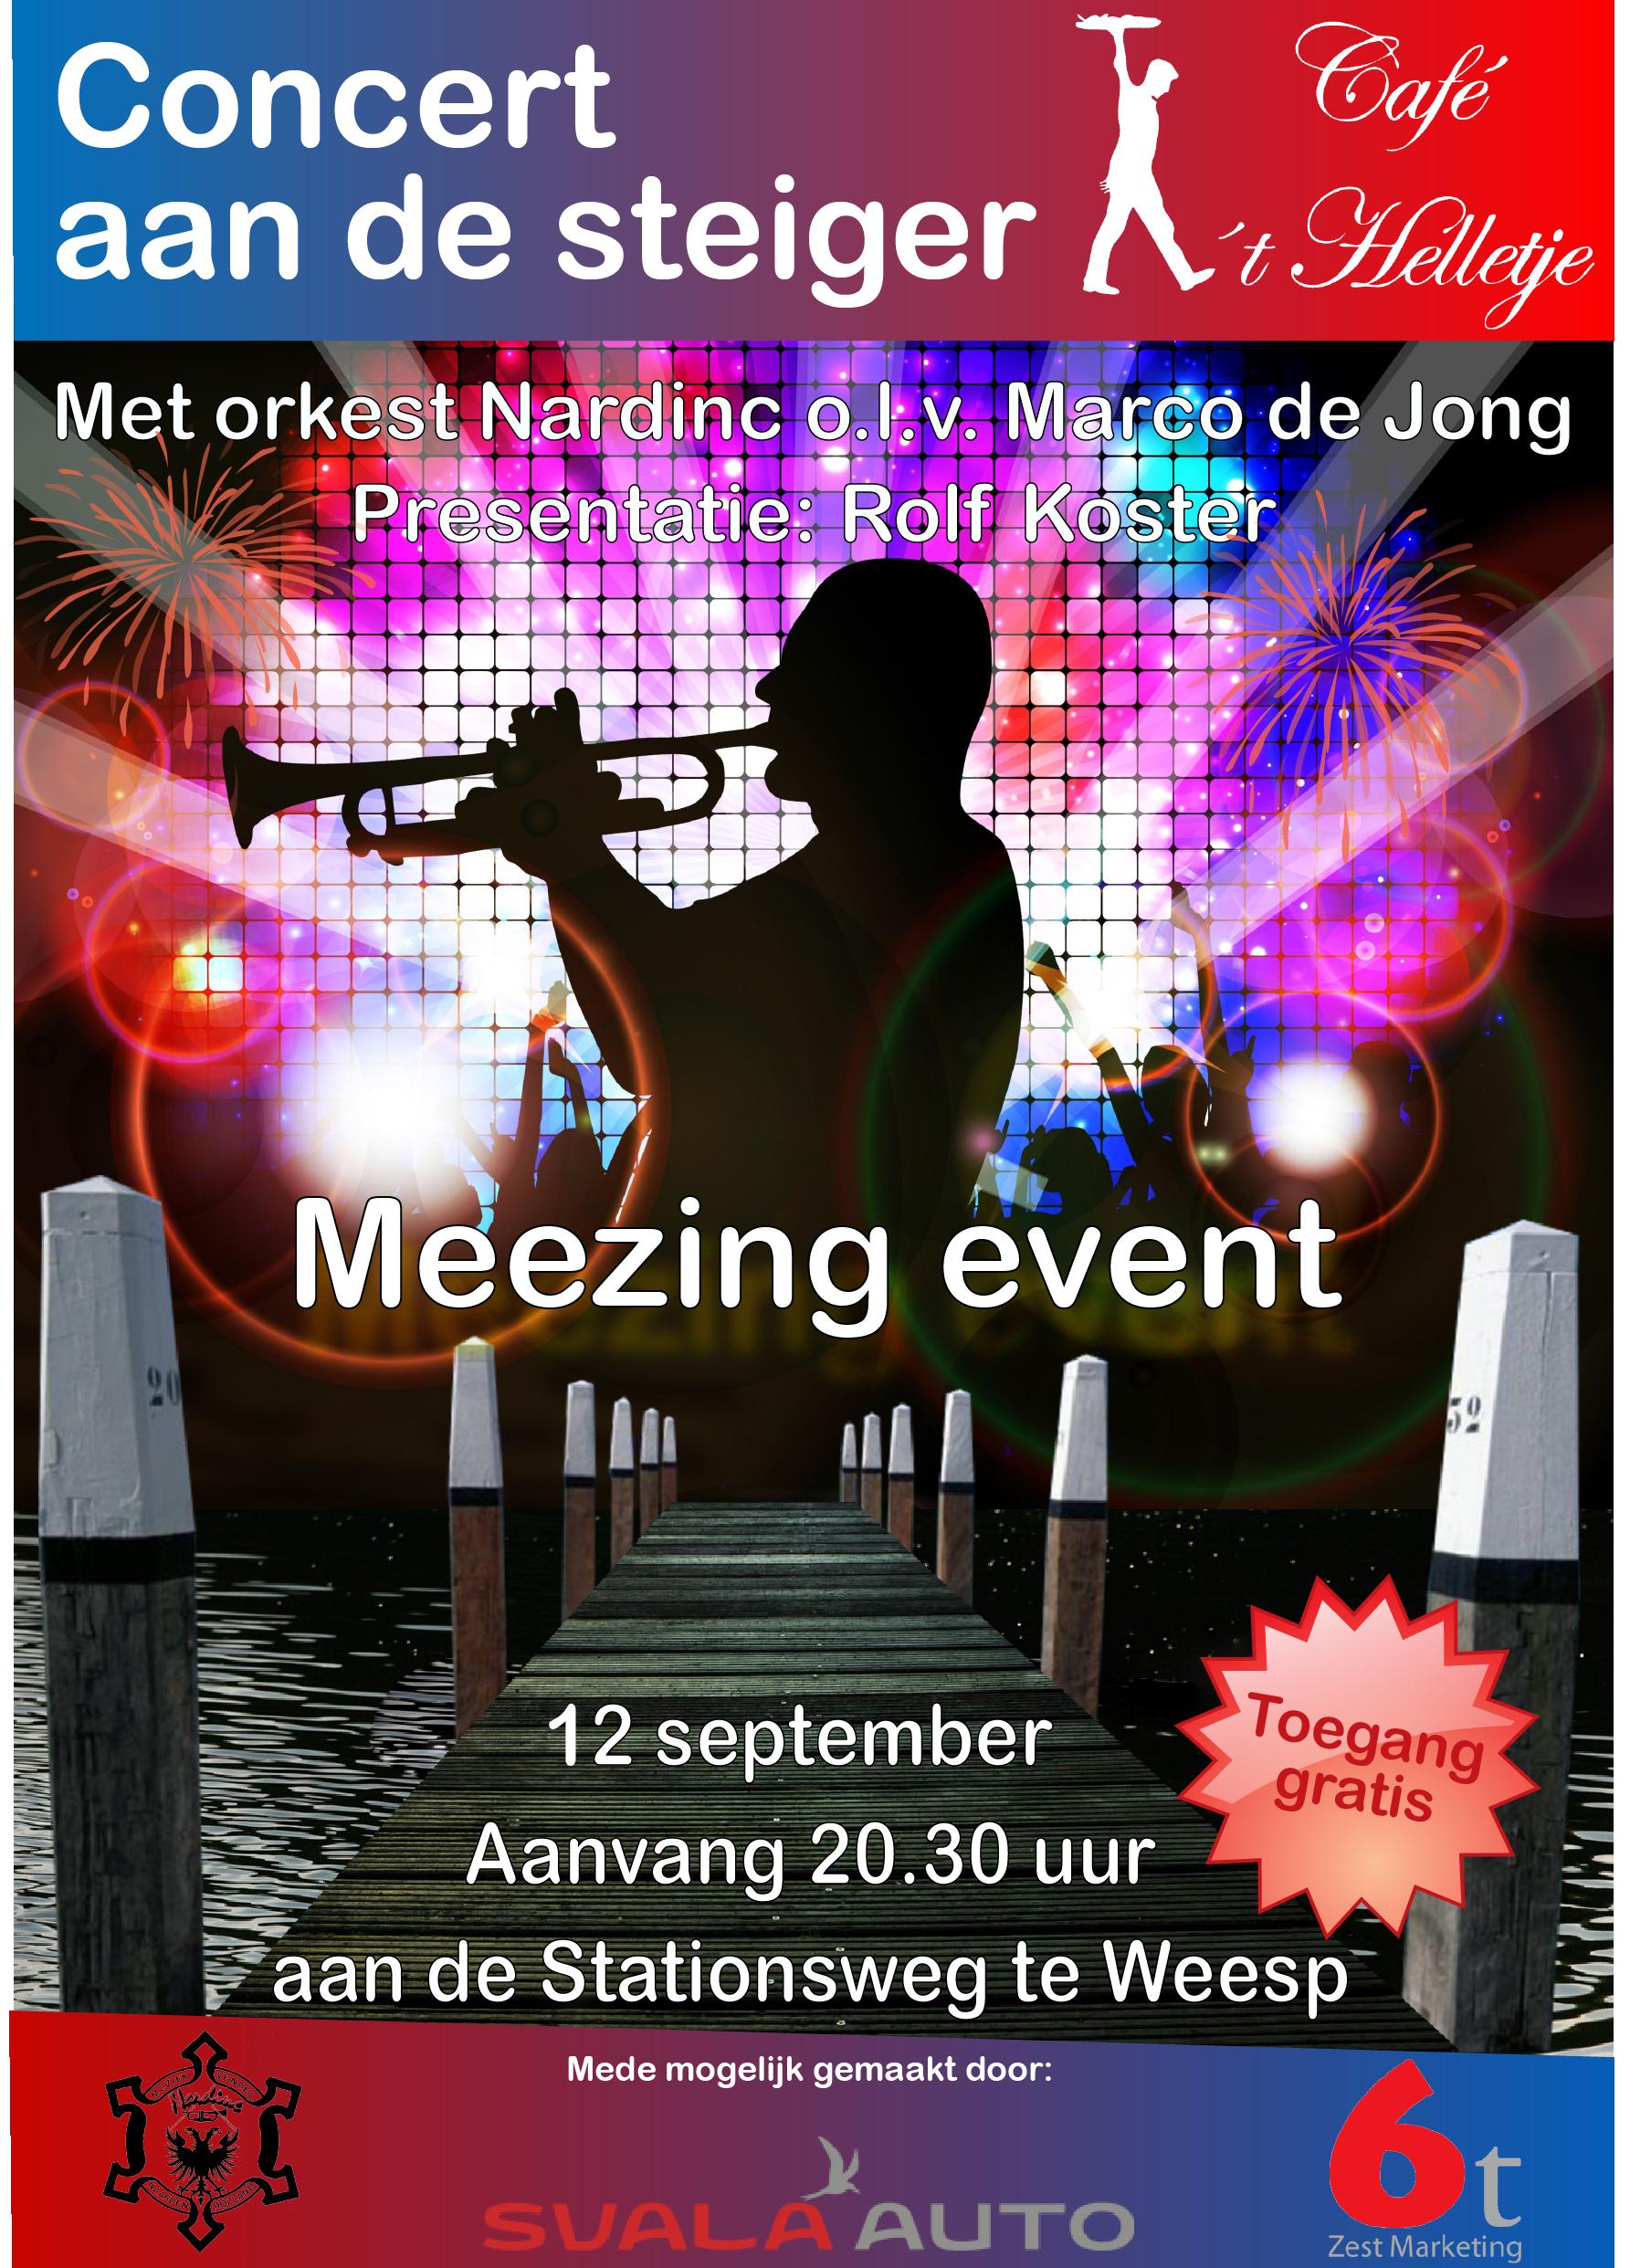 Concert aan de steiger poster